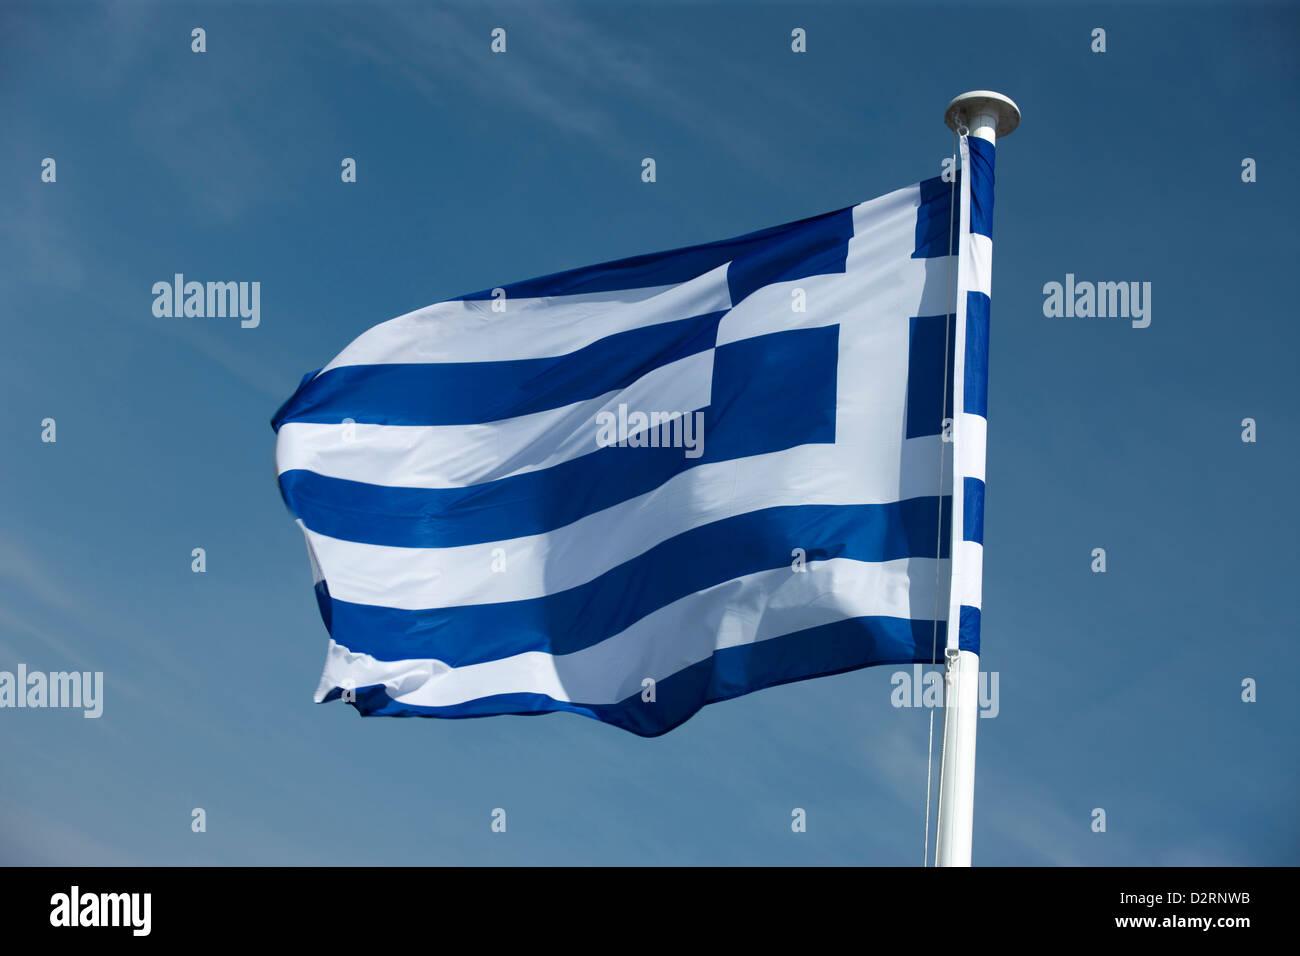 GREEK FLAG FLYING ON FLAGPOLE - Stock Image